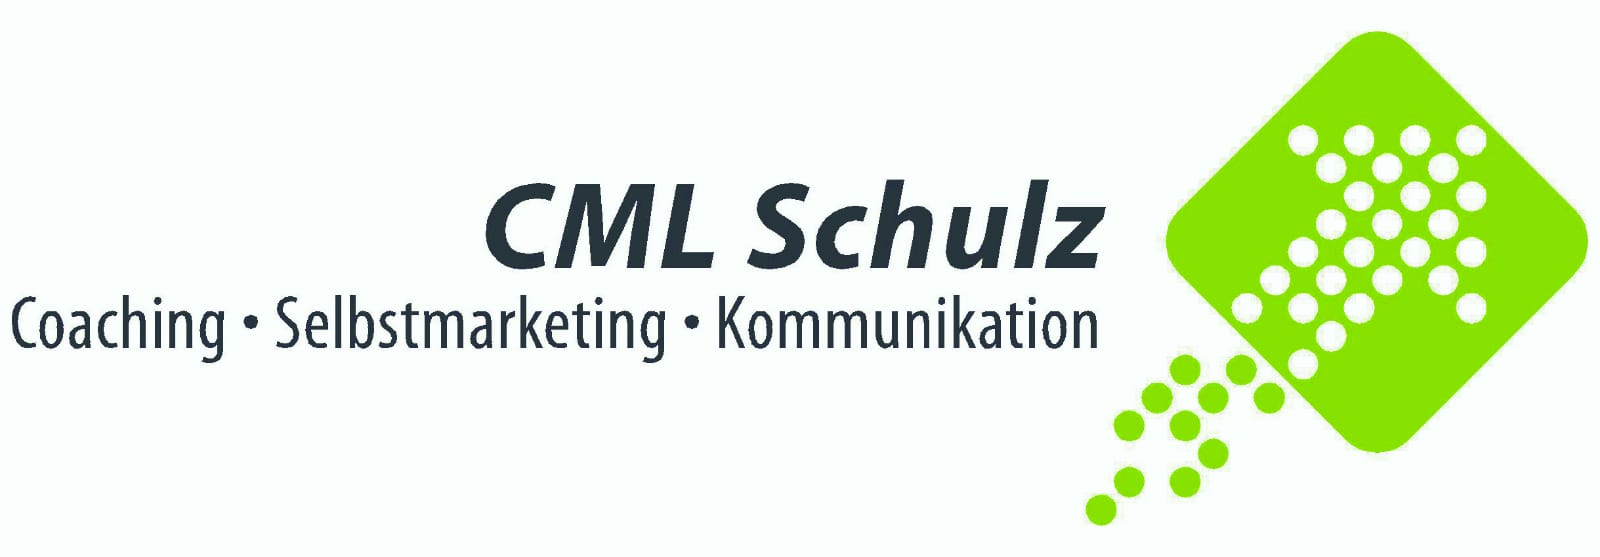 http://cml-schulz.de/modul-3/